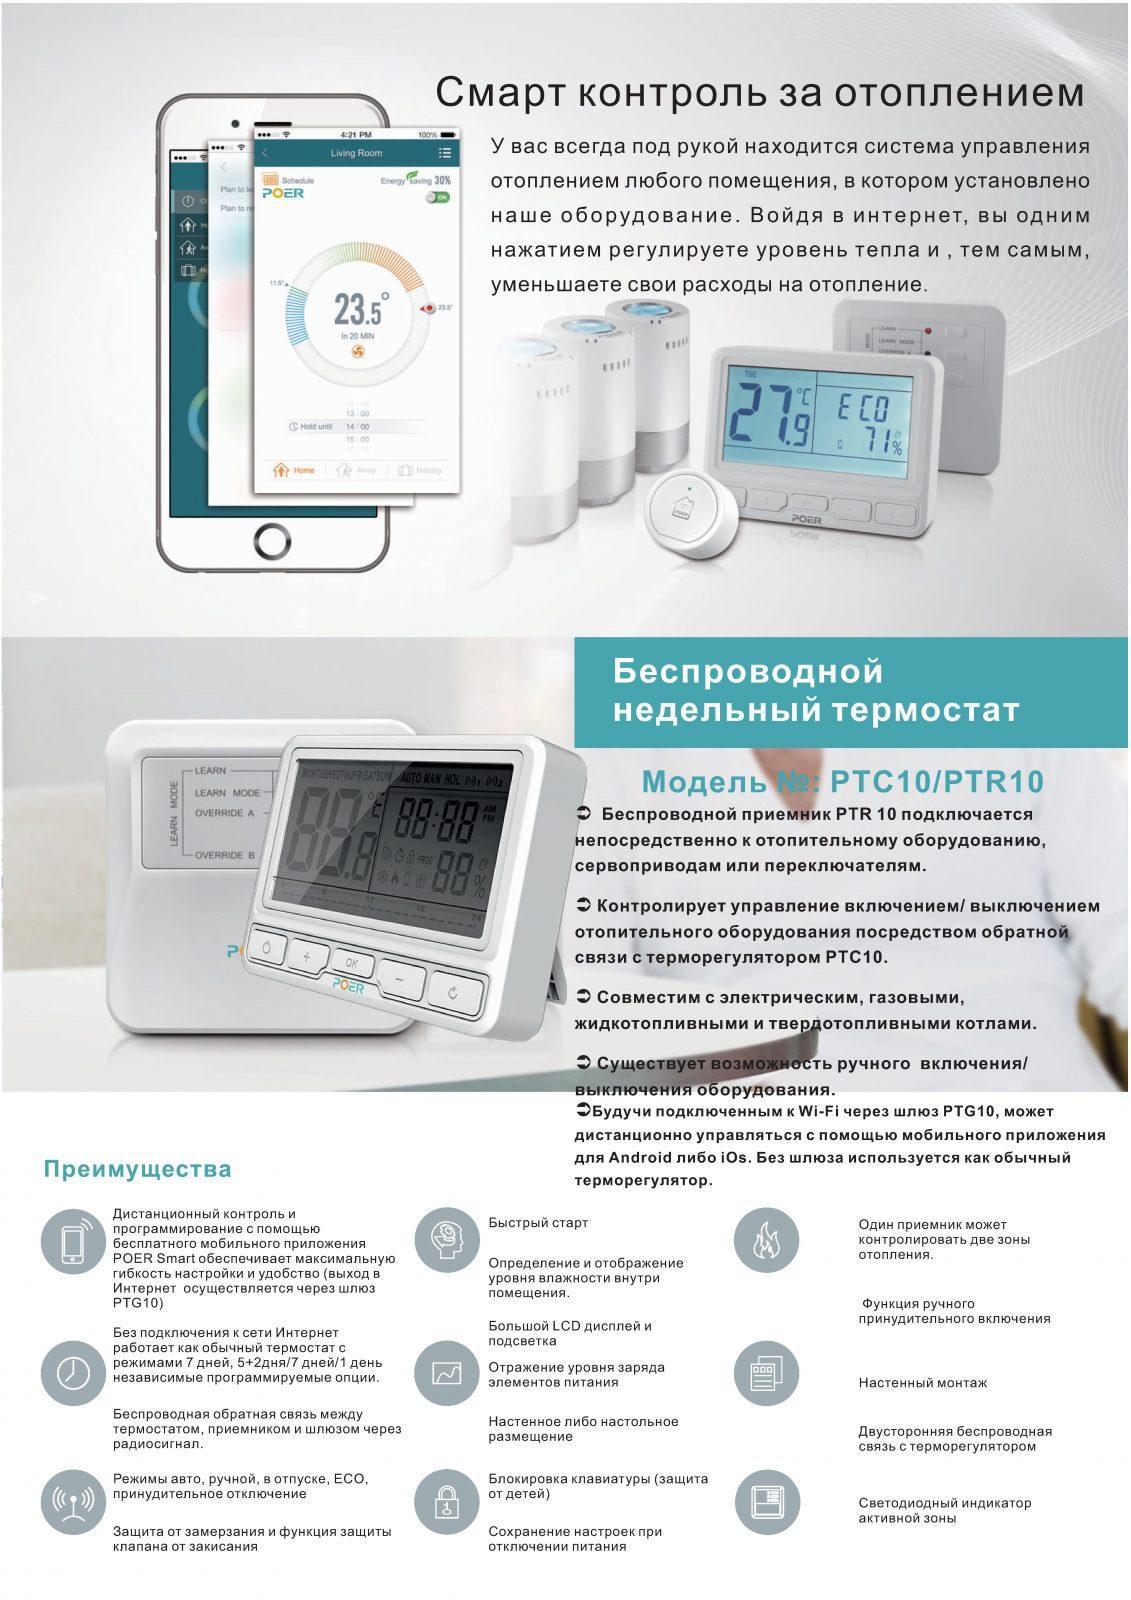 Беспроводной комнатный термостат - купить беспроводной комнатный термостат для газовых котлов отопления.